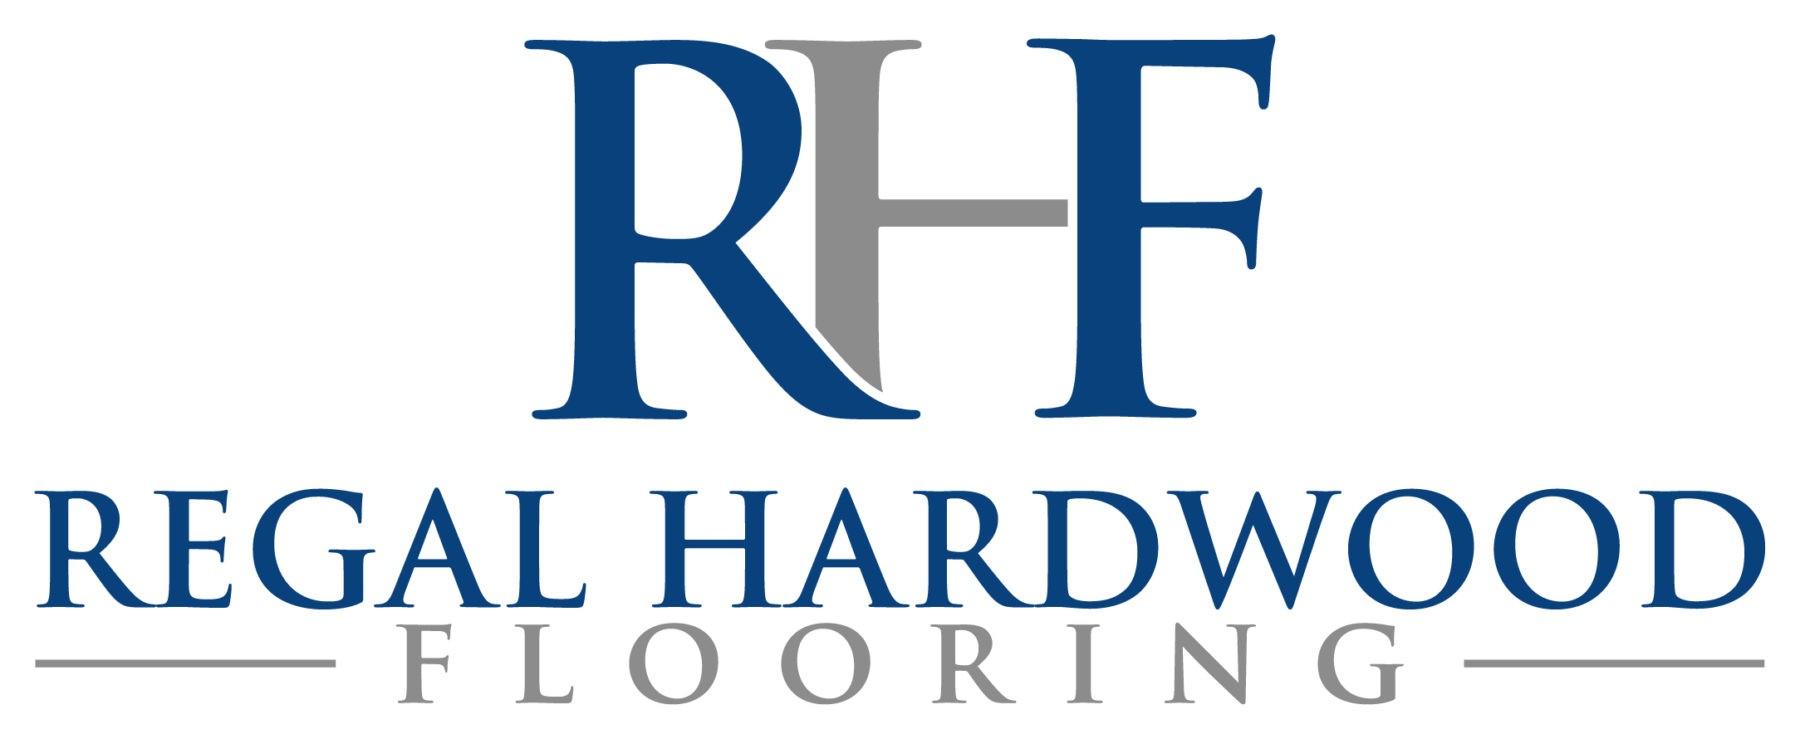 Regal Hardwood Flooring logo